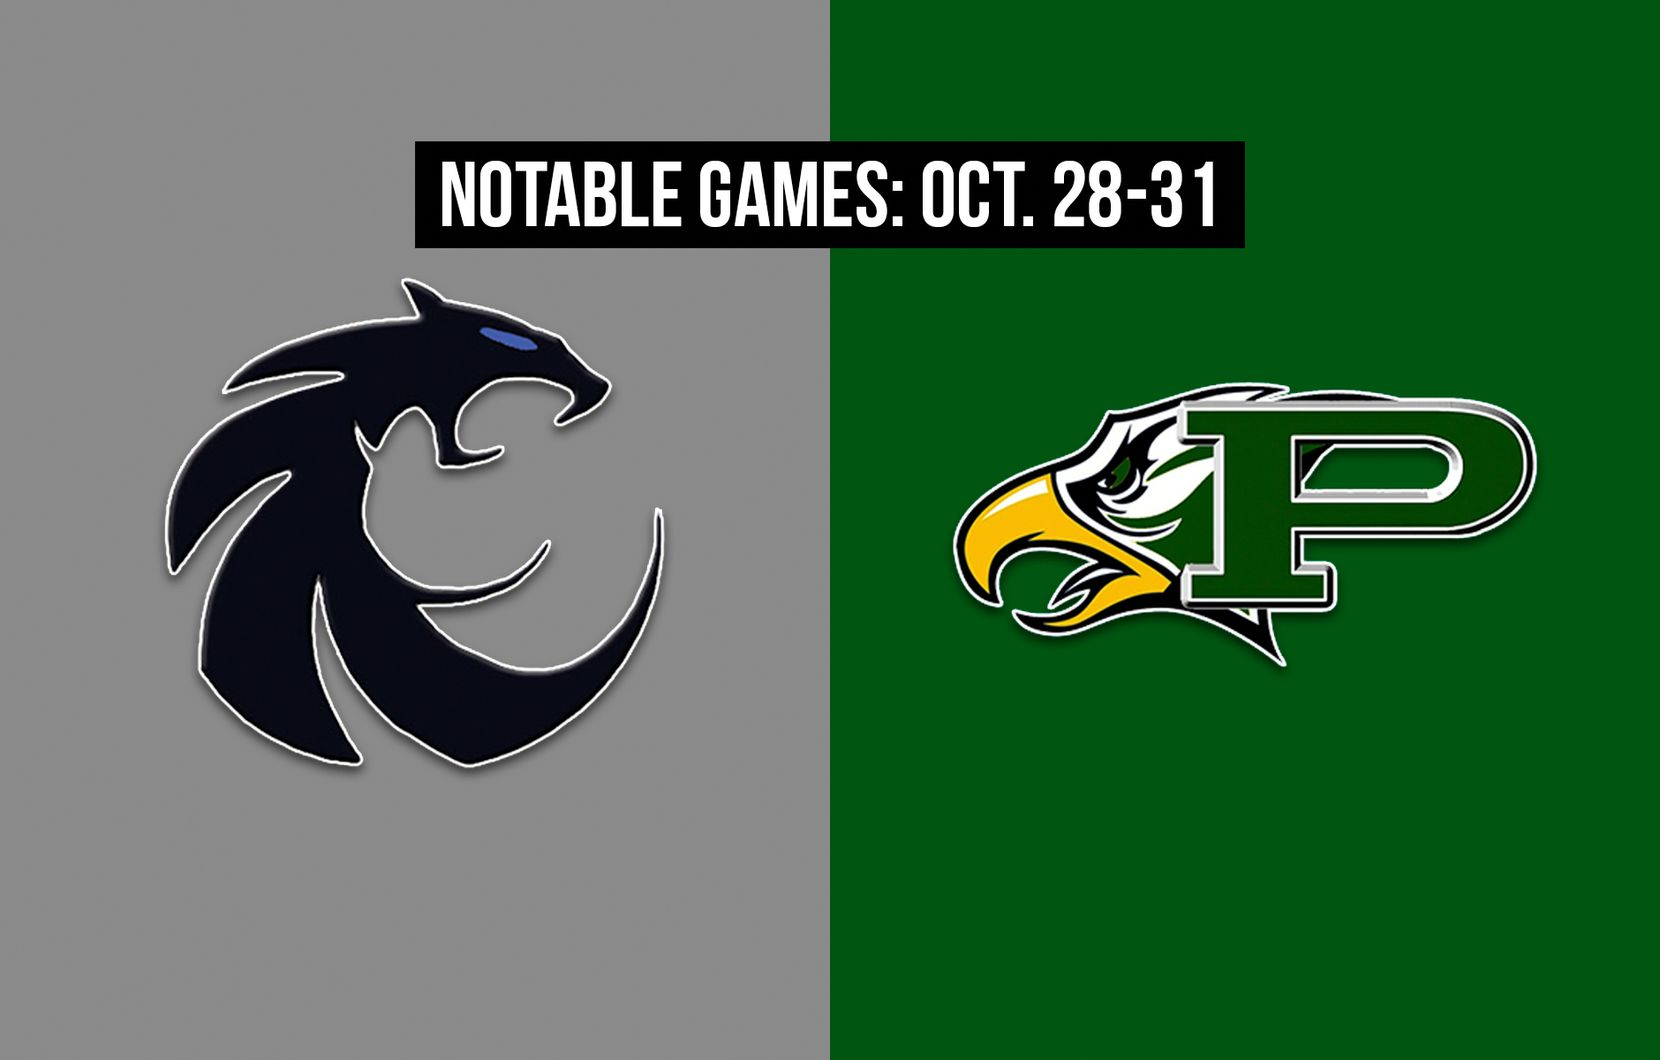 Notable games for the week of Oct. 28-31 of the 2020 season: Denton Guyer vs. Prosper.